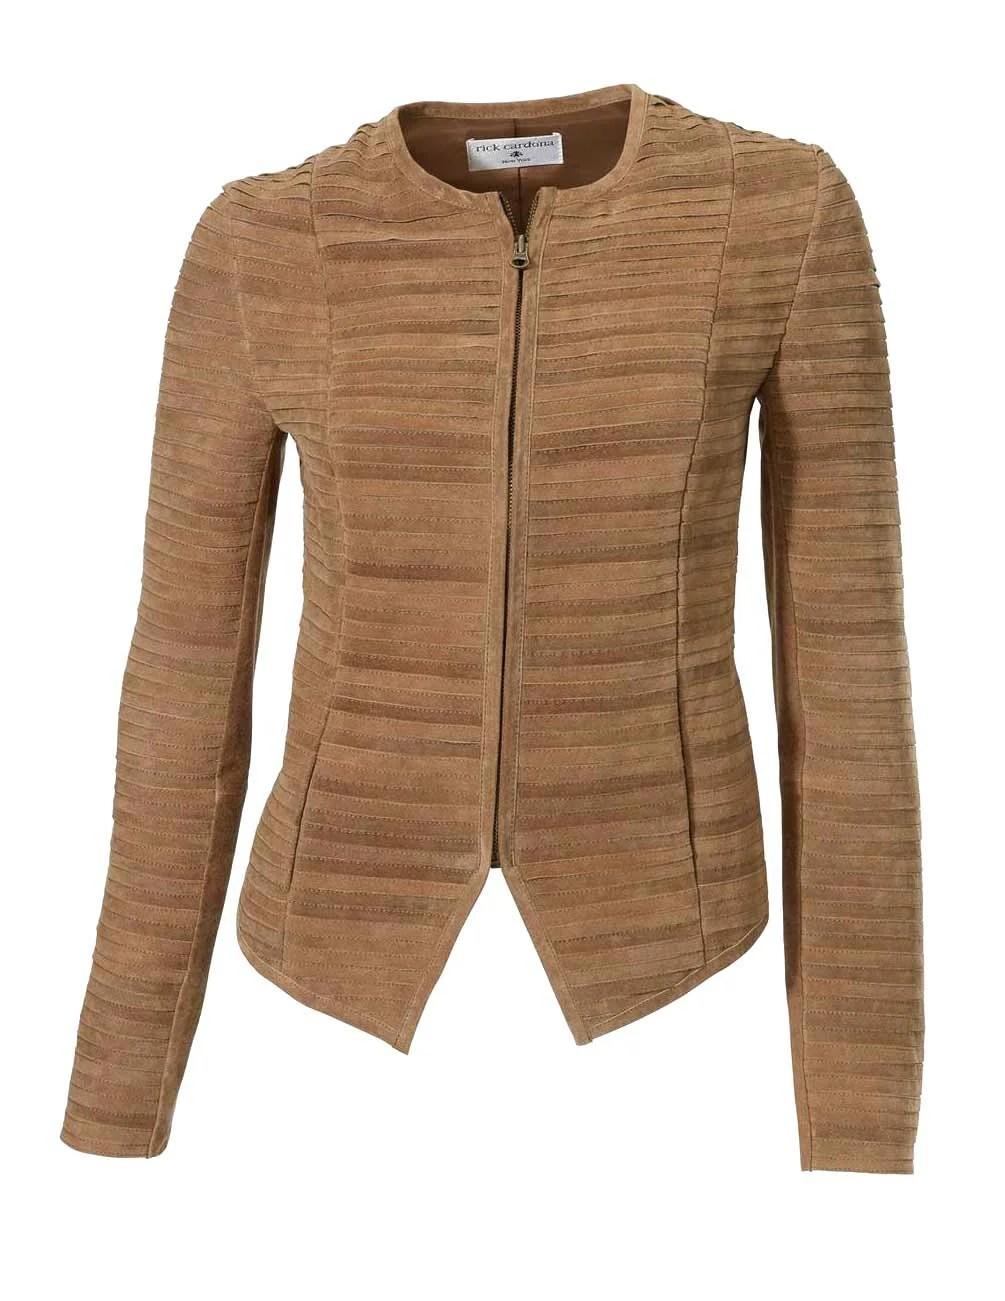 098.826 Rick Cardona Designer Damen-Lederjacke Jacke Gesteppt m. Futter Cognac Braun